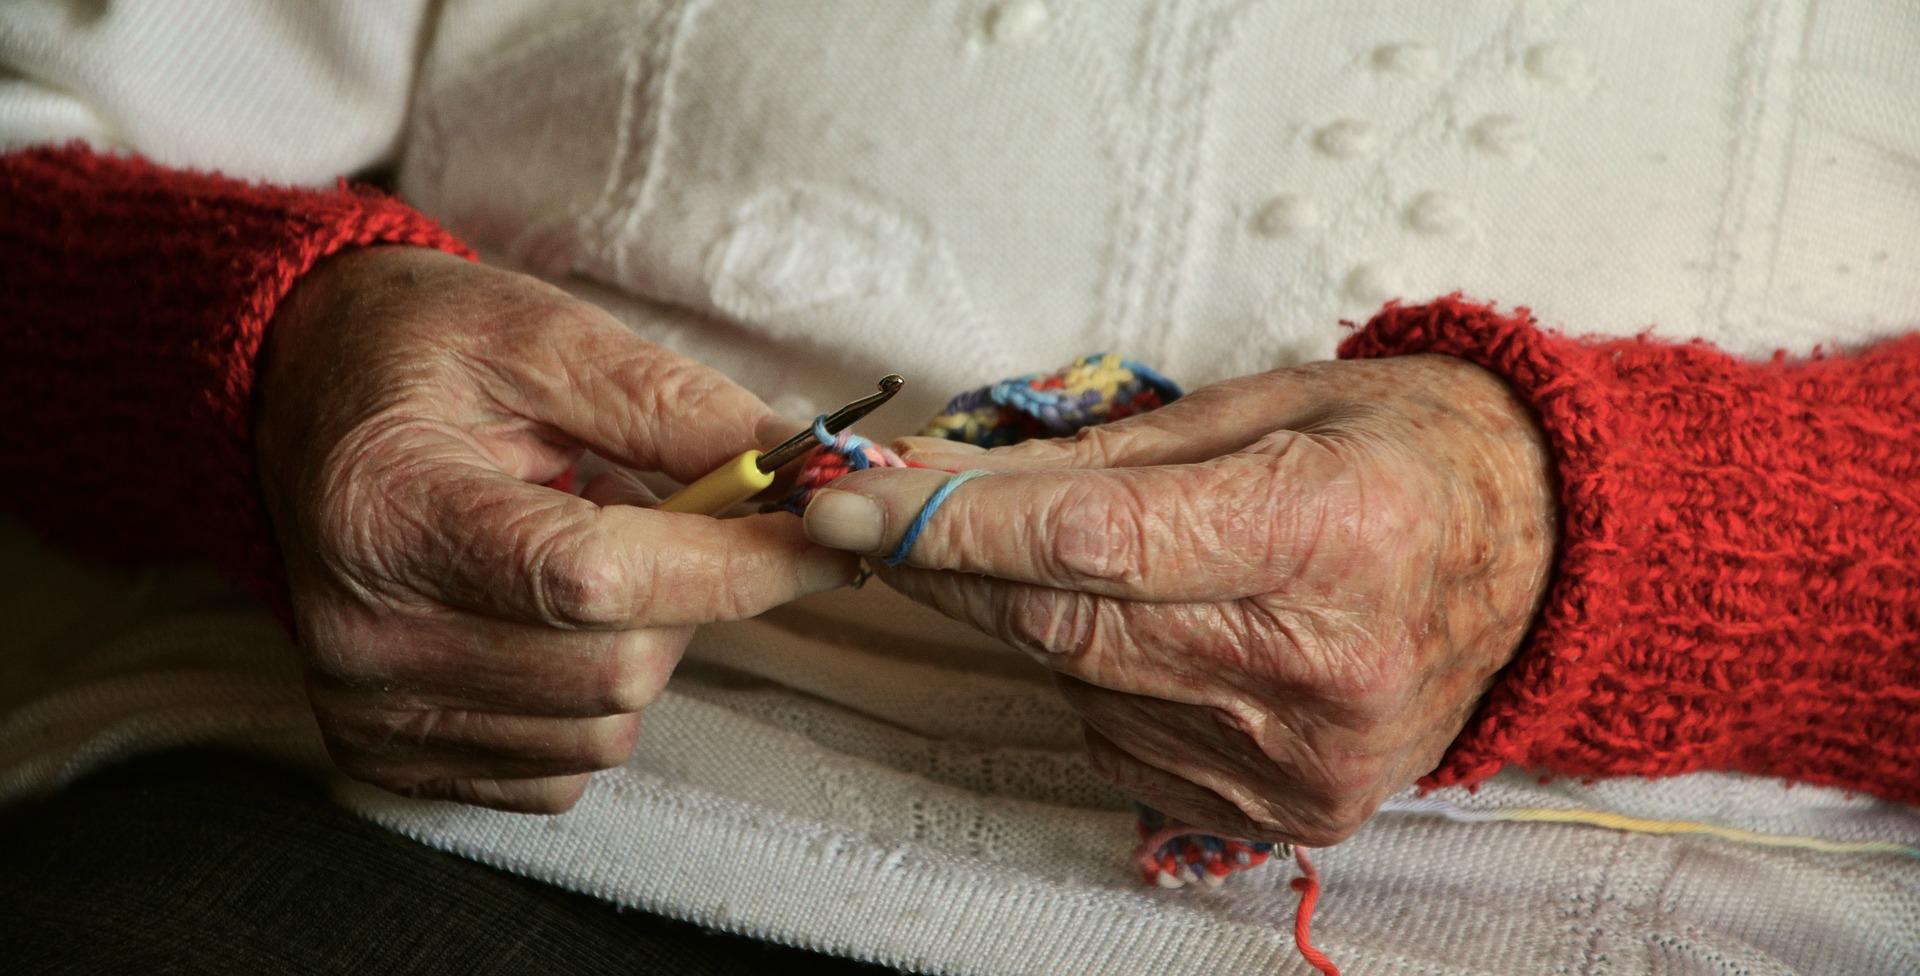 Masz pomysł na aktywizację bydgoskich seniorów? Weź udział w konkursie